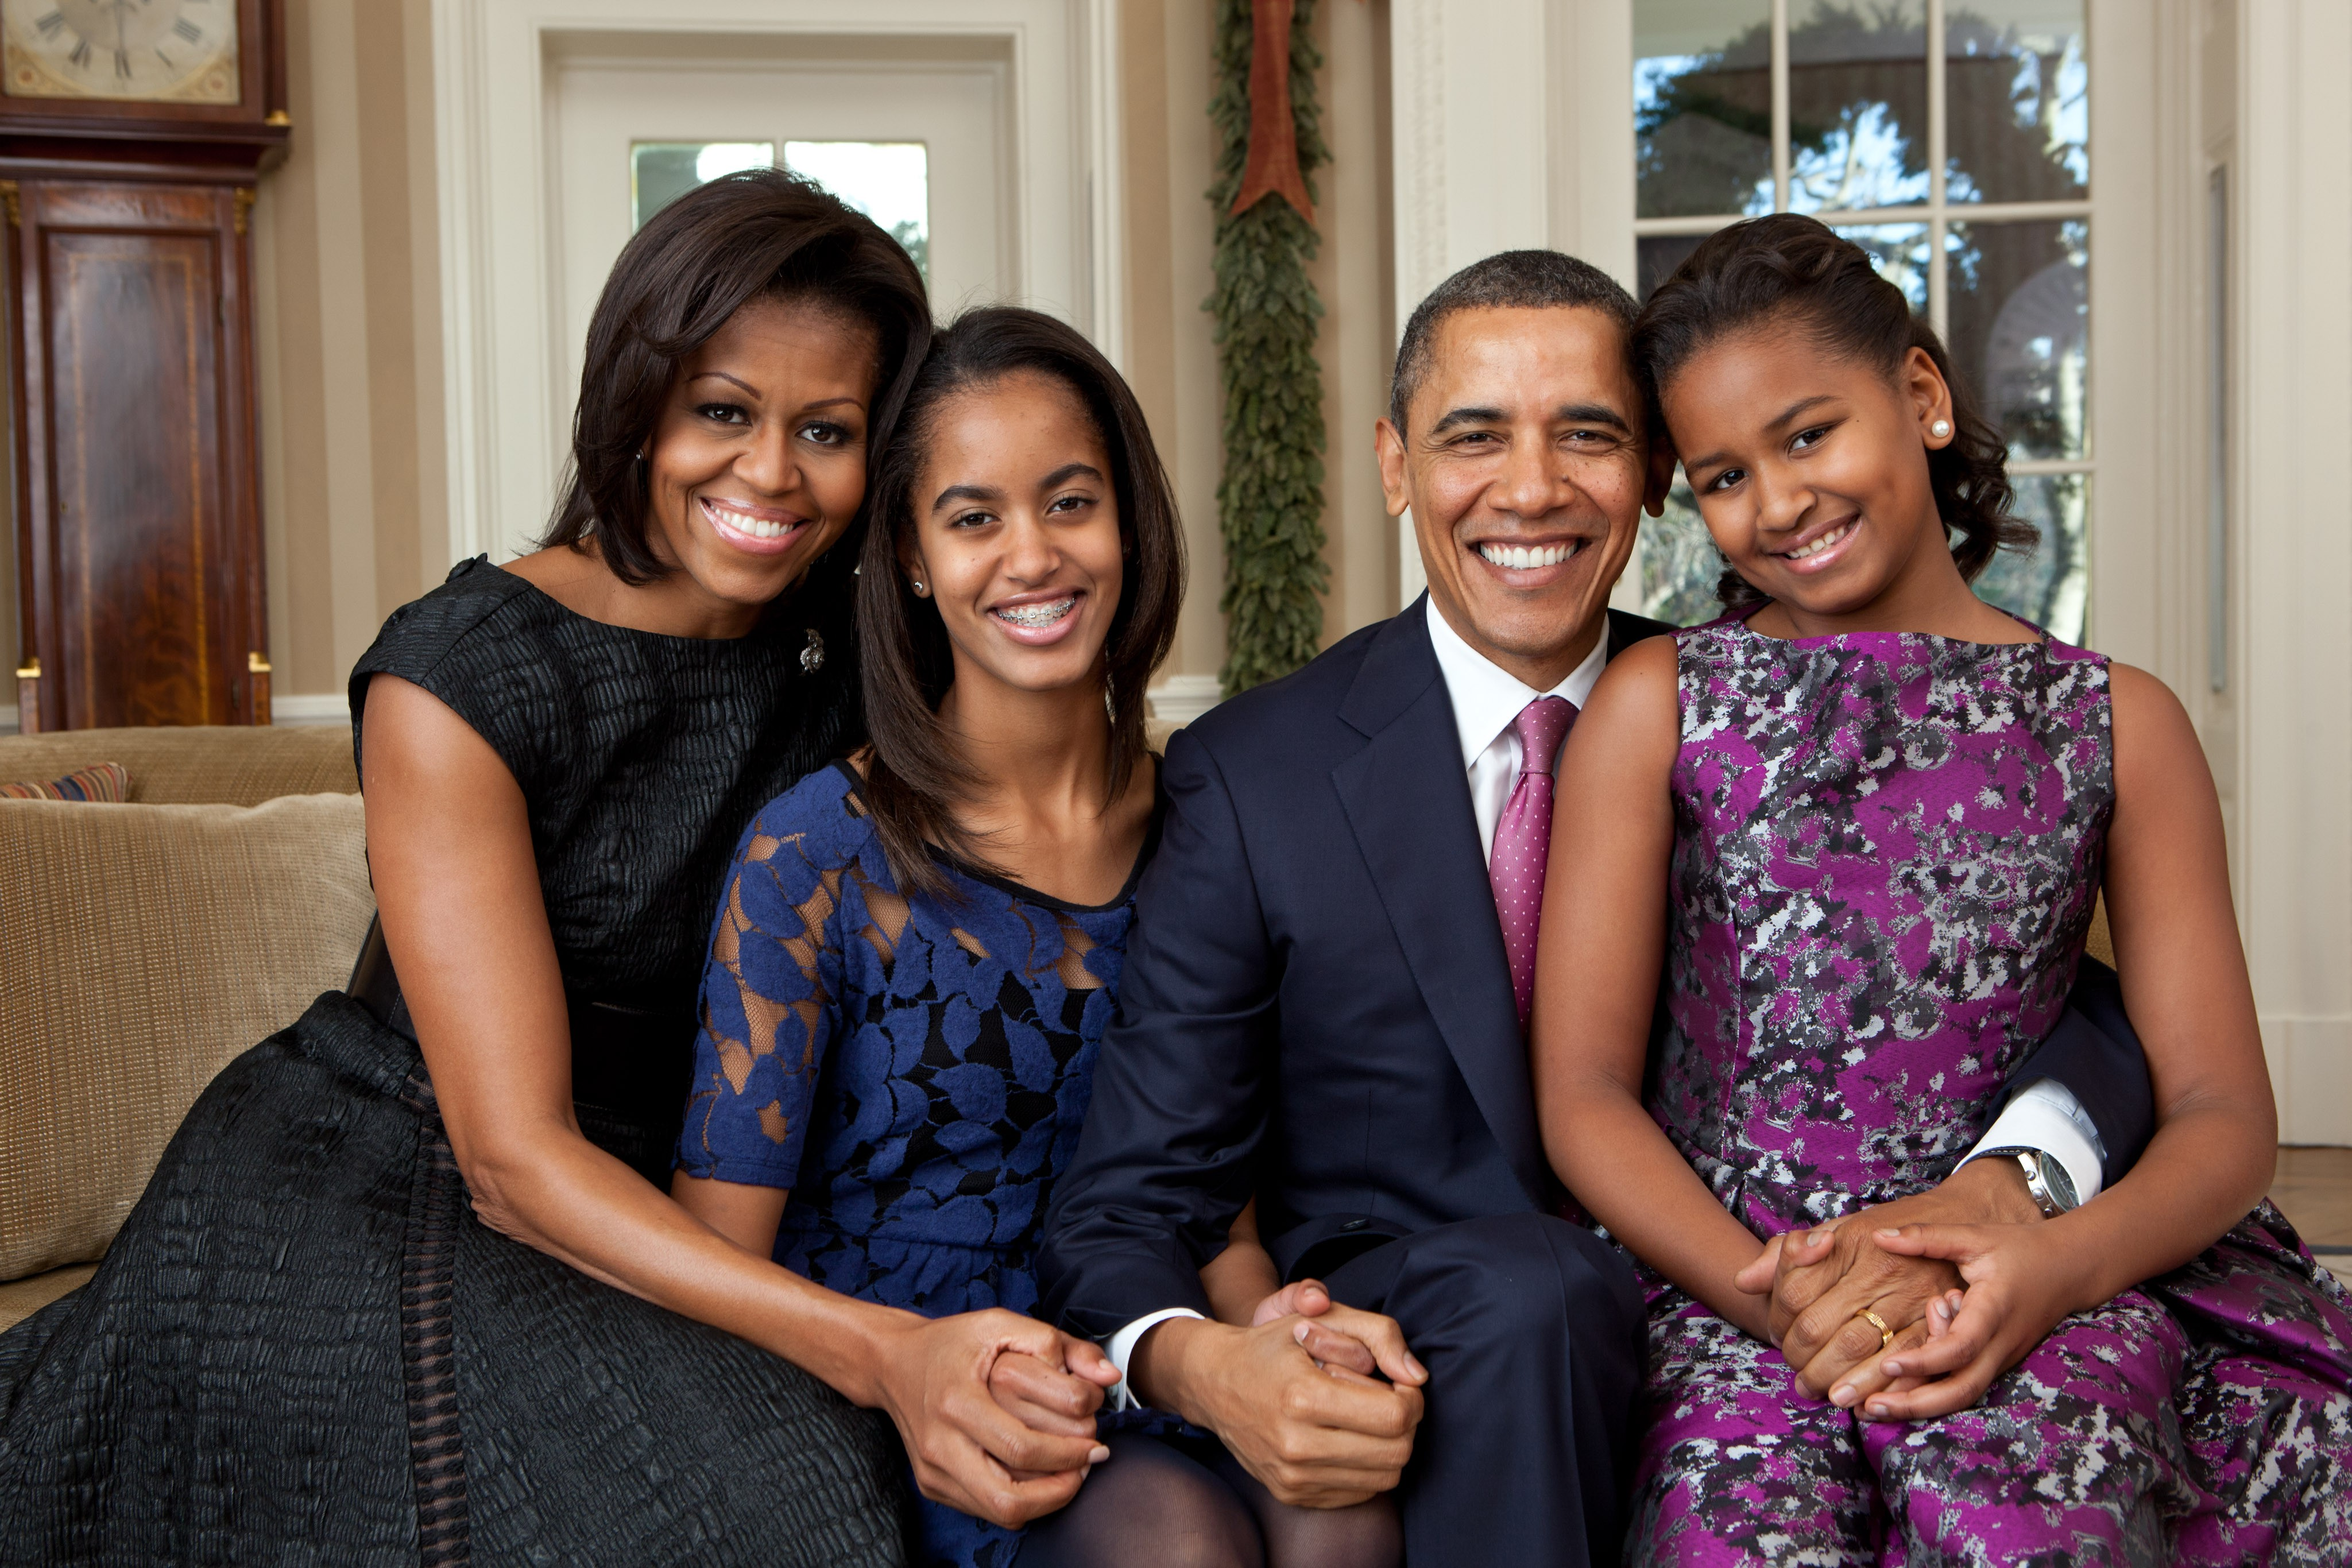 រឿង ៣ យ៉ាងដែលអ្នកគួររៀនពី លោក Barack Obama ក្នុងការចិញ្ចឹមកូនដ៏មានសុភមង្គល